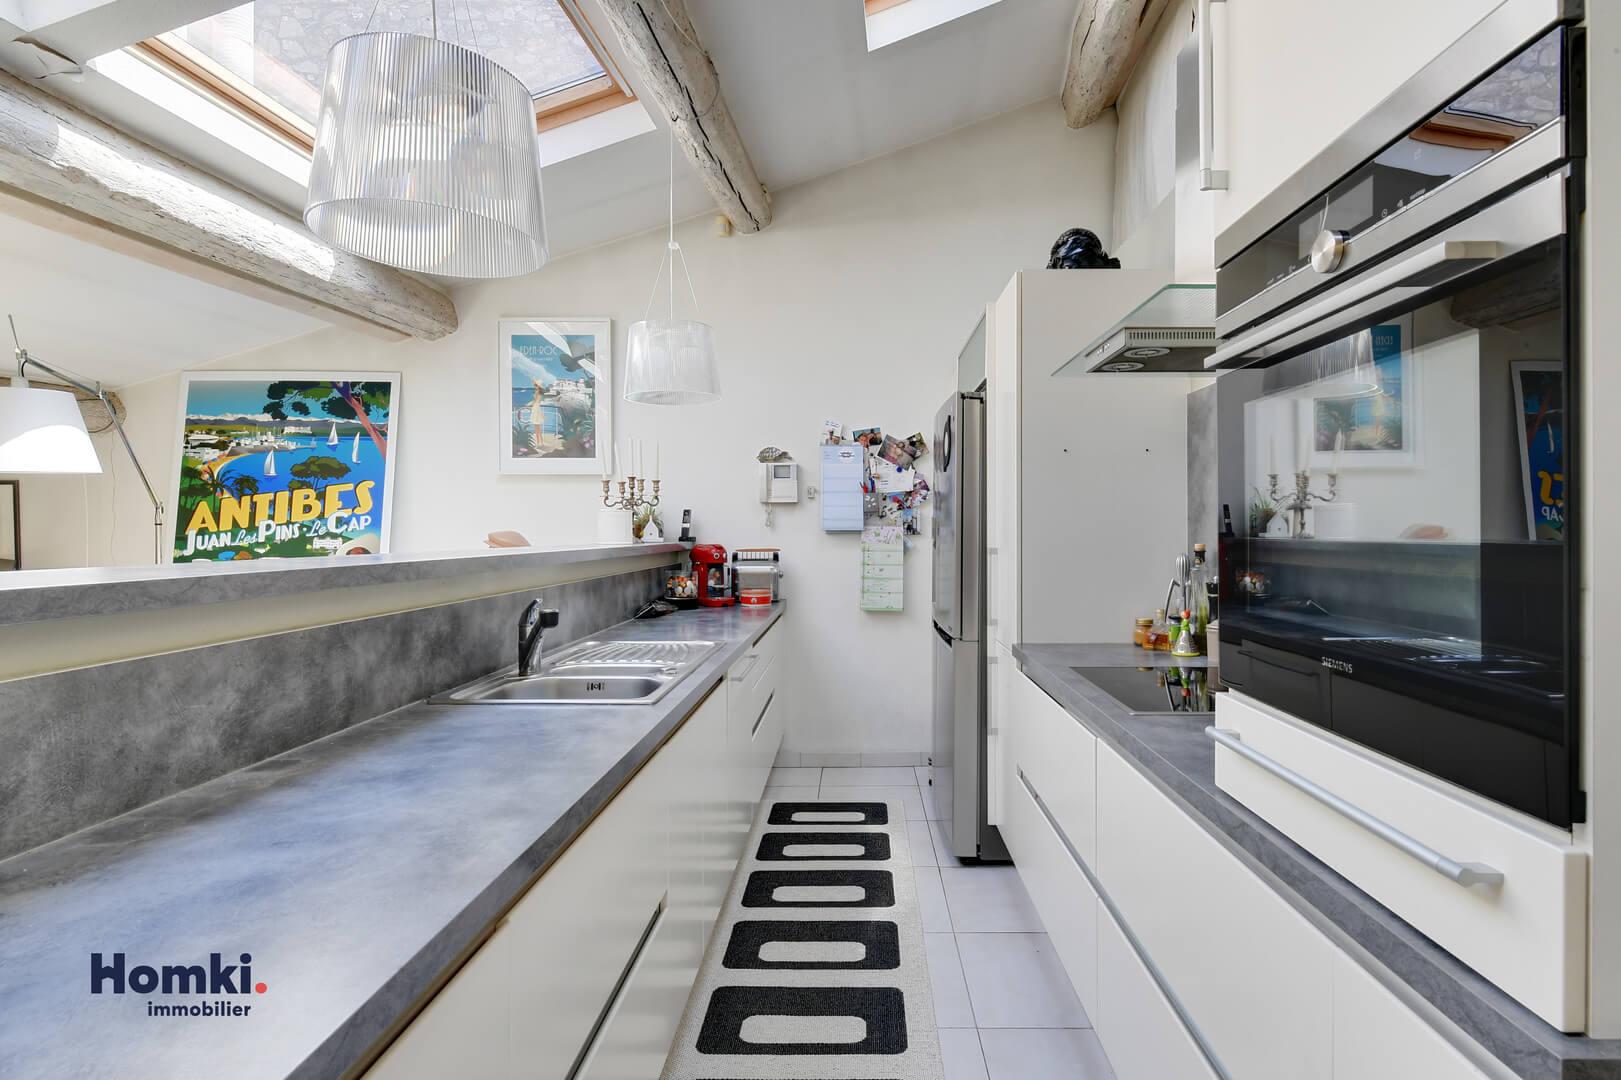 Vente appartement duplex Antibes 06600 T4 90m²_6